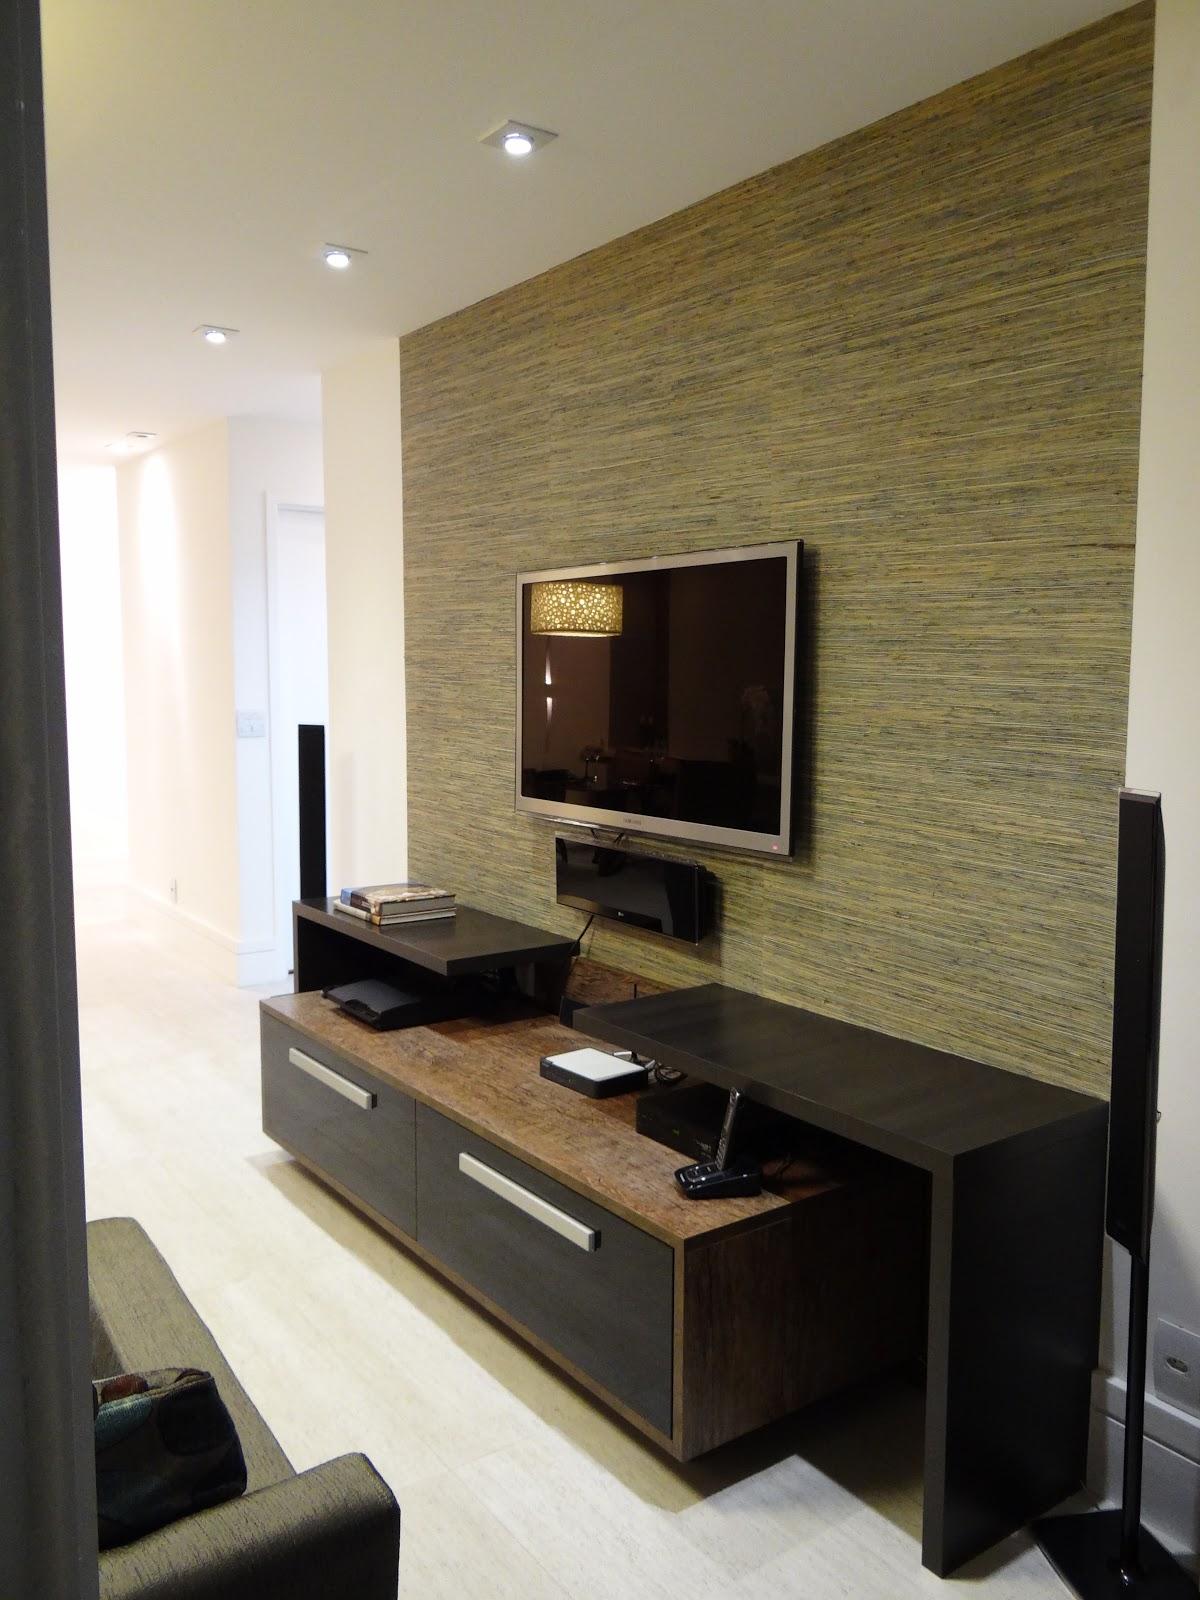 #8D743E sala de tv pequena com papel de paredeIdéias de decoração para casa 1200x1600 píxeis em Decoração Para Sala Pequena Com Papel De Parede